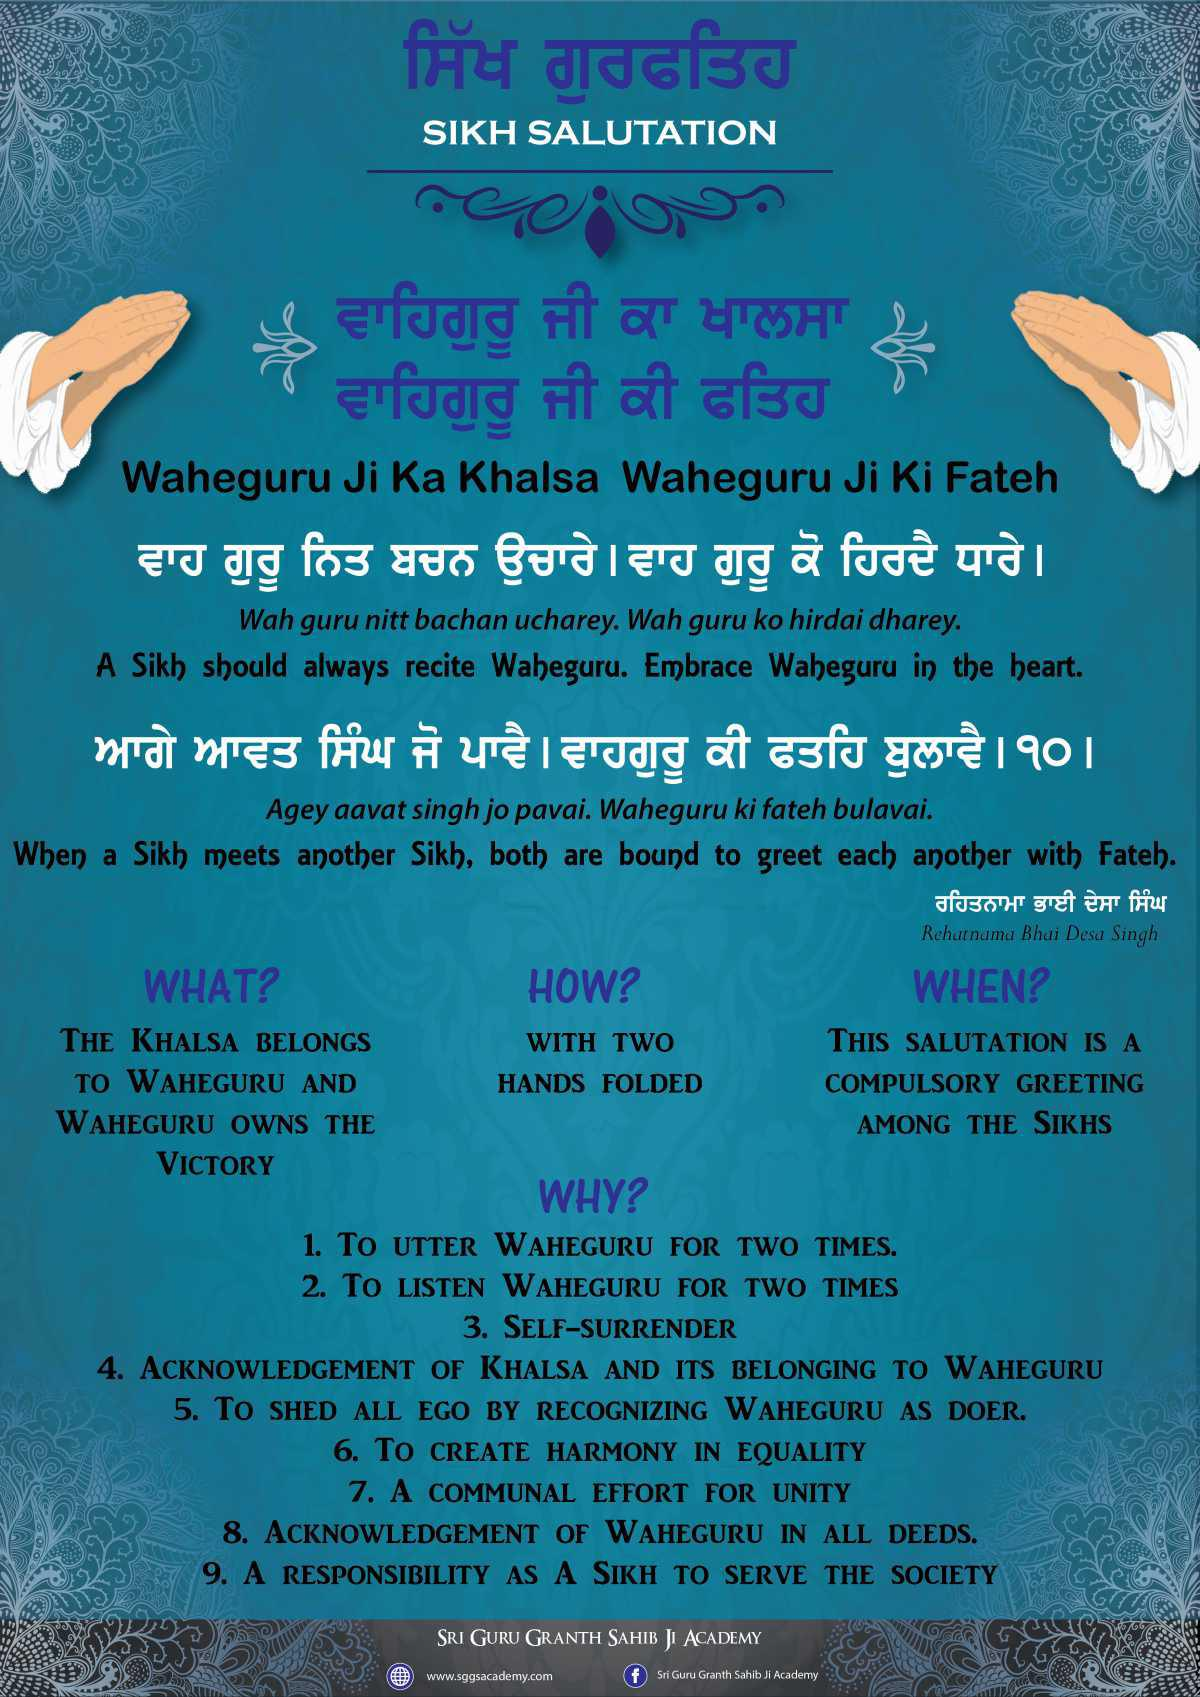 Sikh Salutation